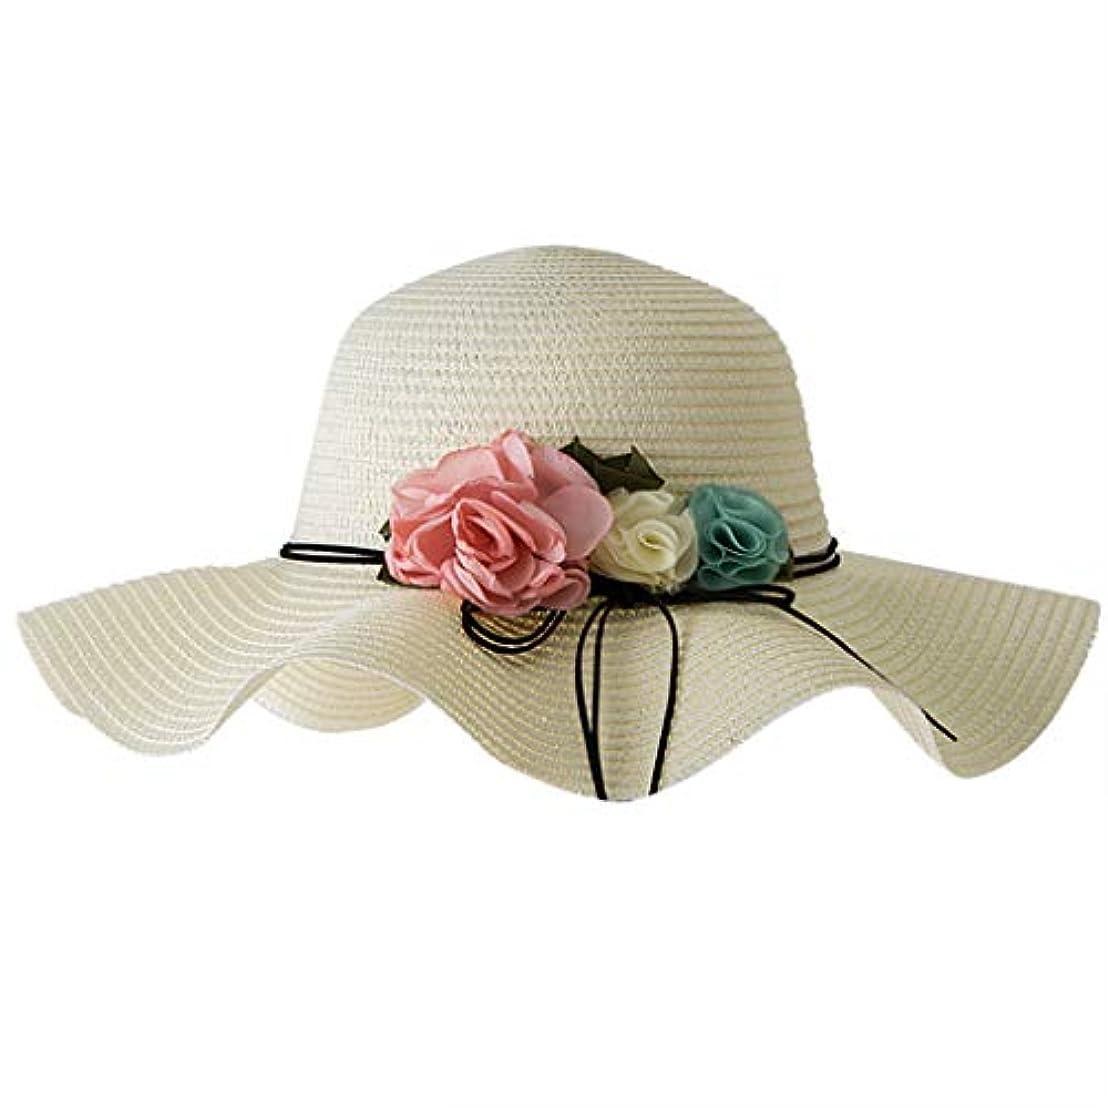 発音するアナニバー彼らのものアウトドアファッションビッグバイザー UVカット 帽子 レディース 春用帽子 小顔効果 折りたため 日よけ帽子 高性能 高耐久性 女性の春と夏の無地のコットンキャップ 漁師の帽子 流域キャップ 日焼け対策 ROSE ROMAN